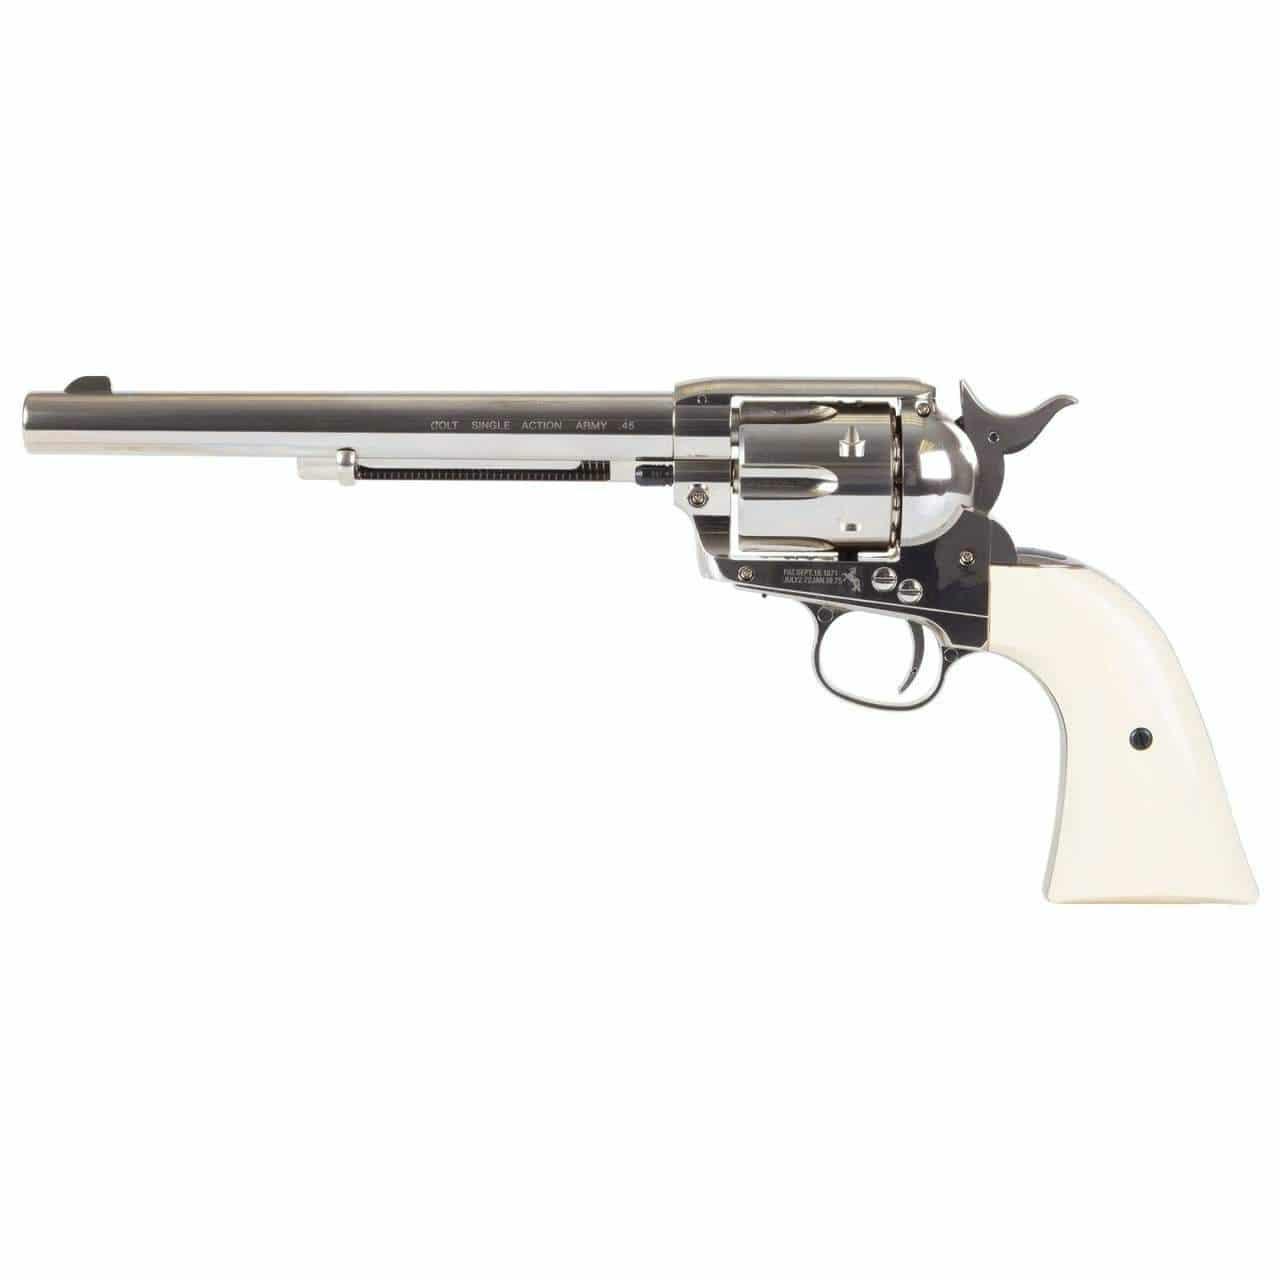 Colt Saa 45